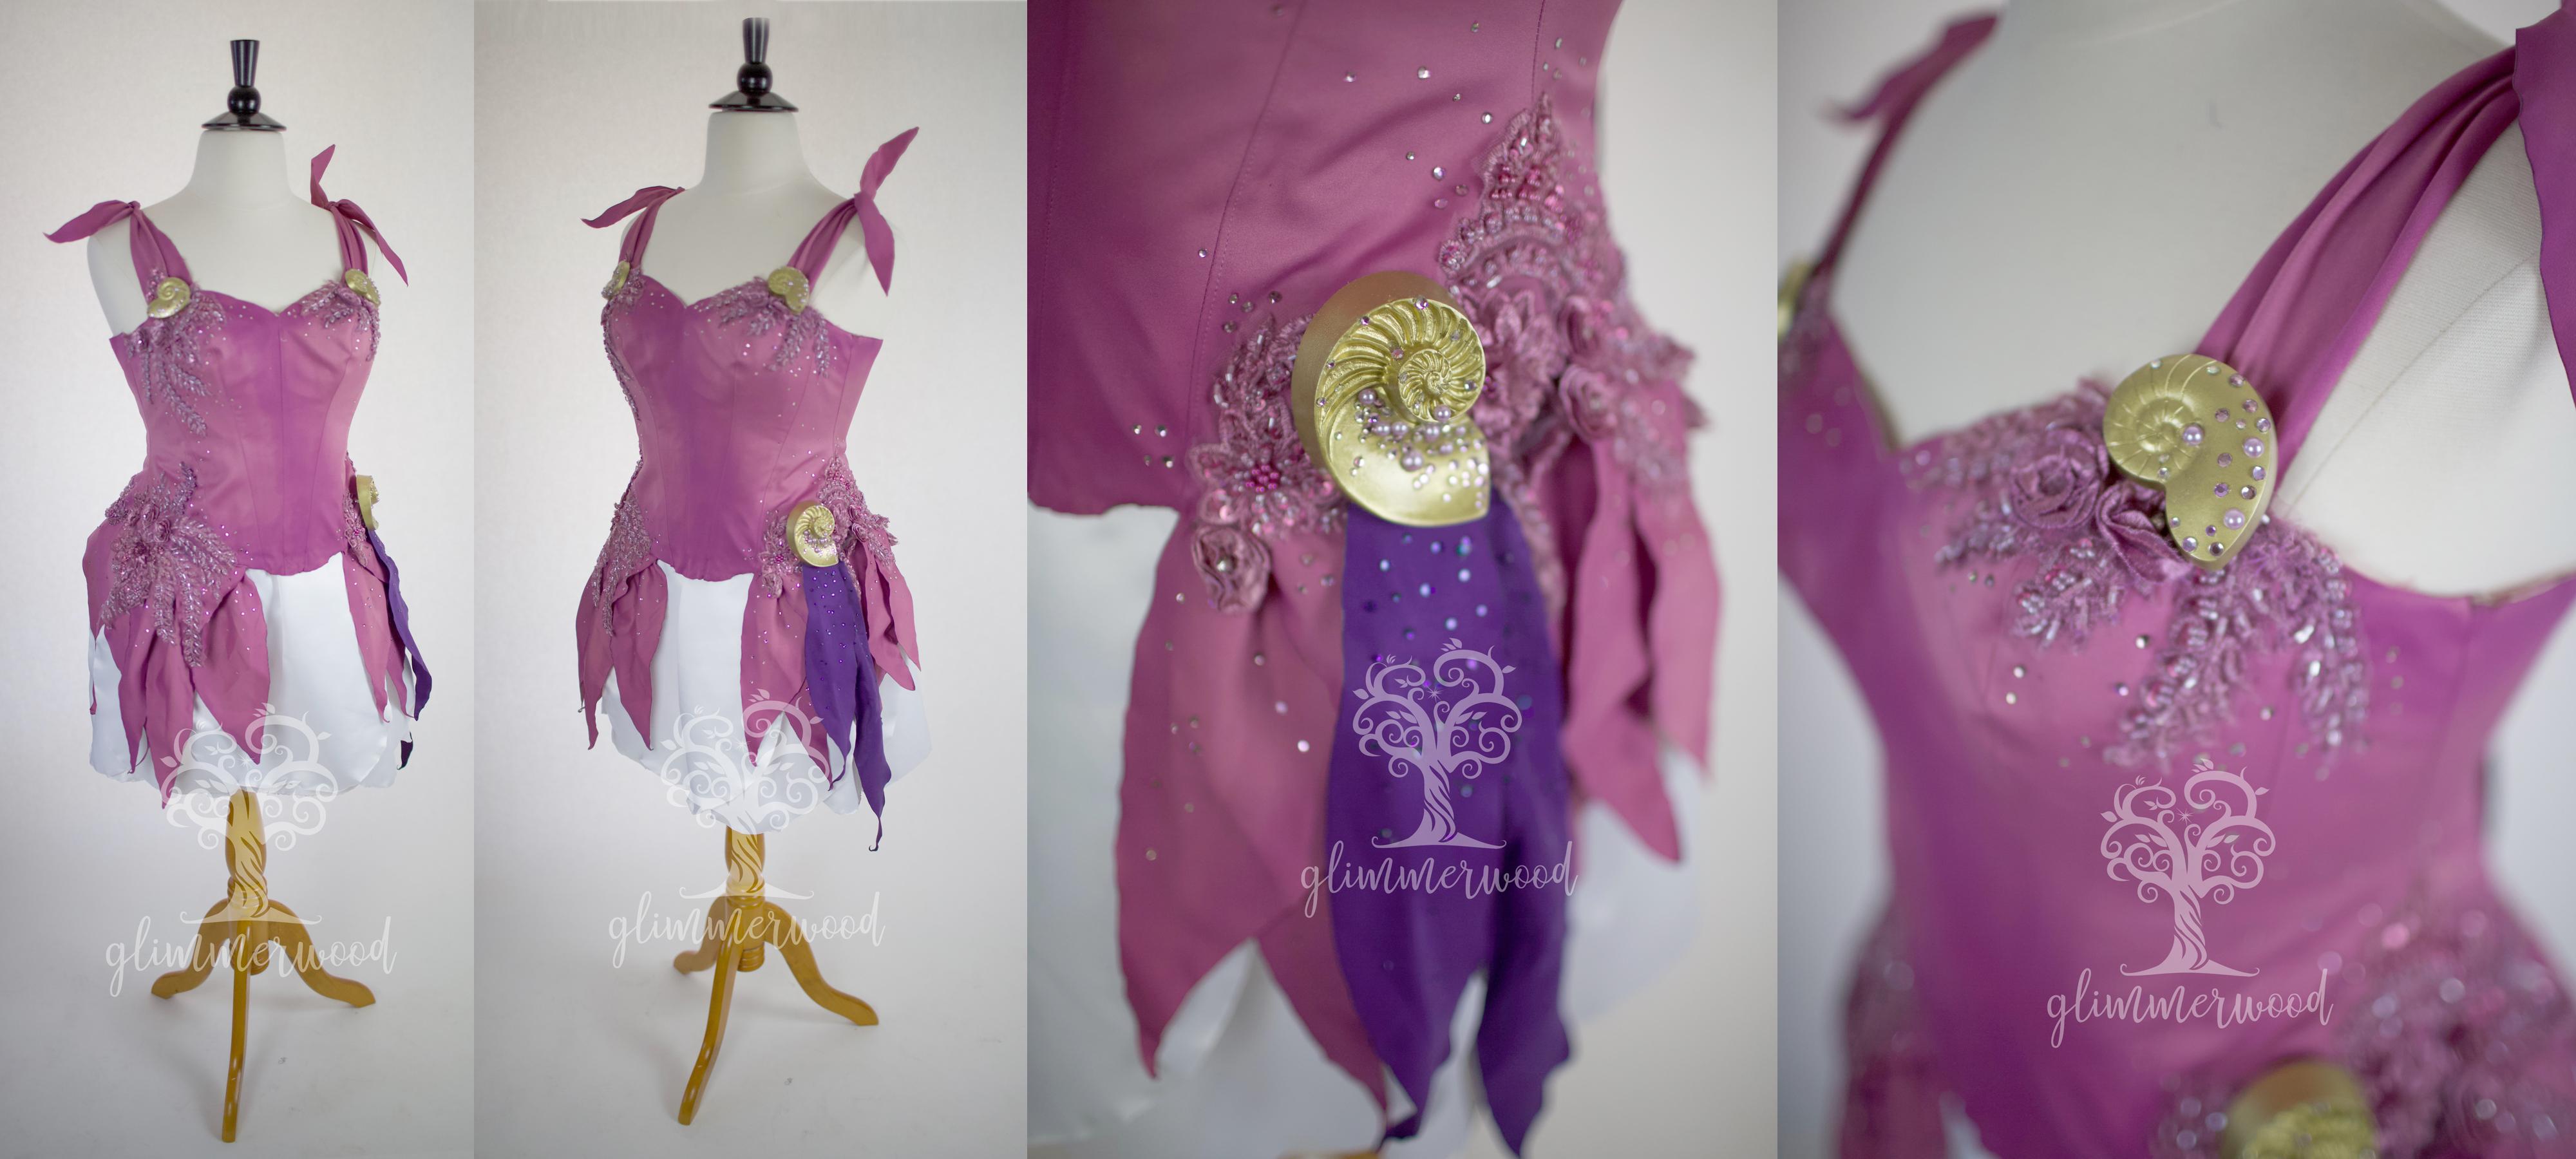 Megara as a Fairy